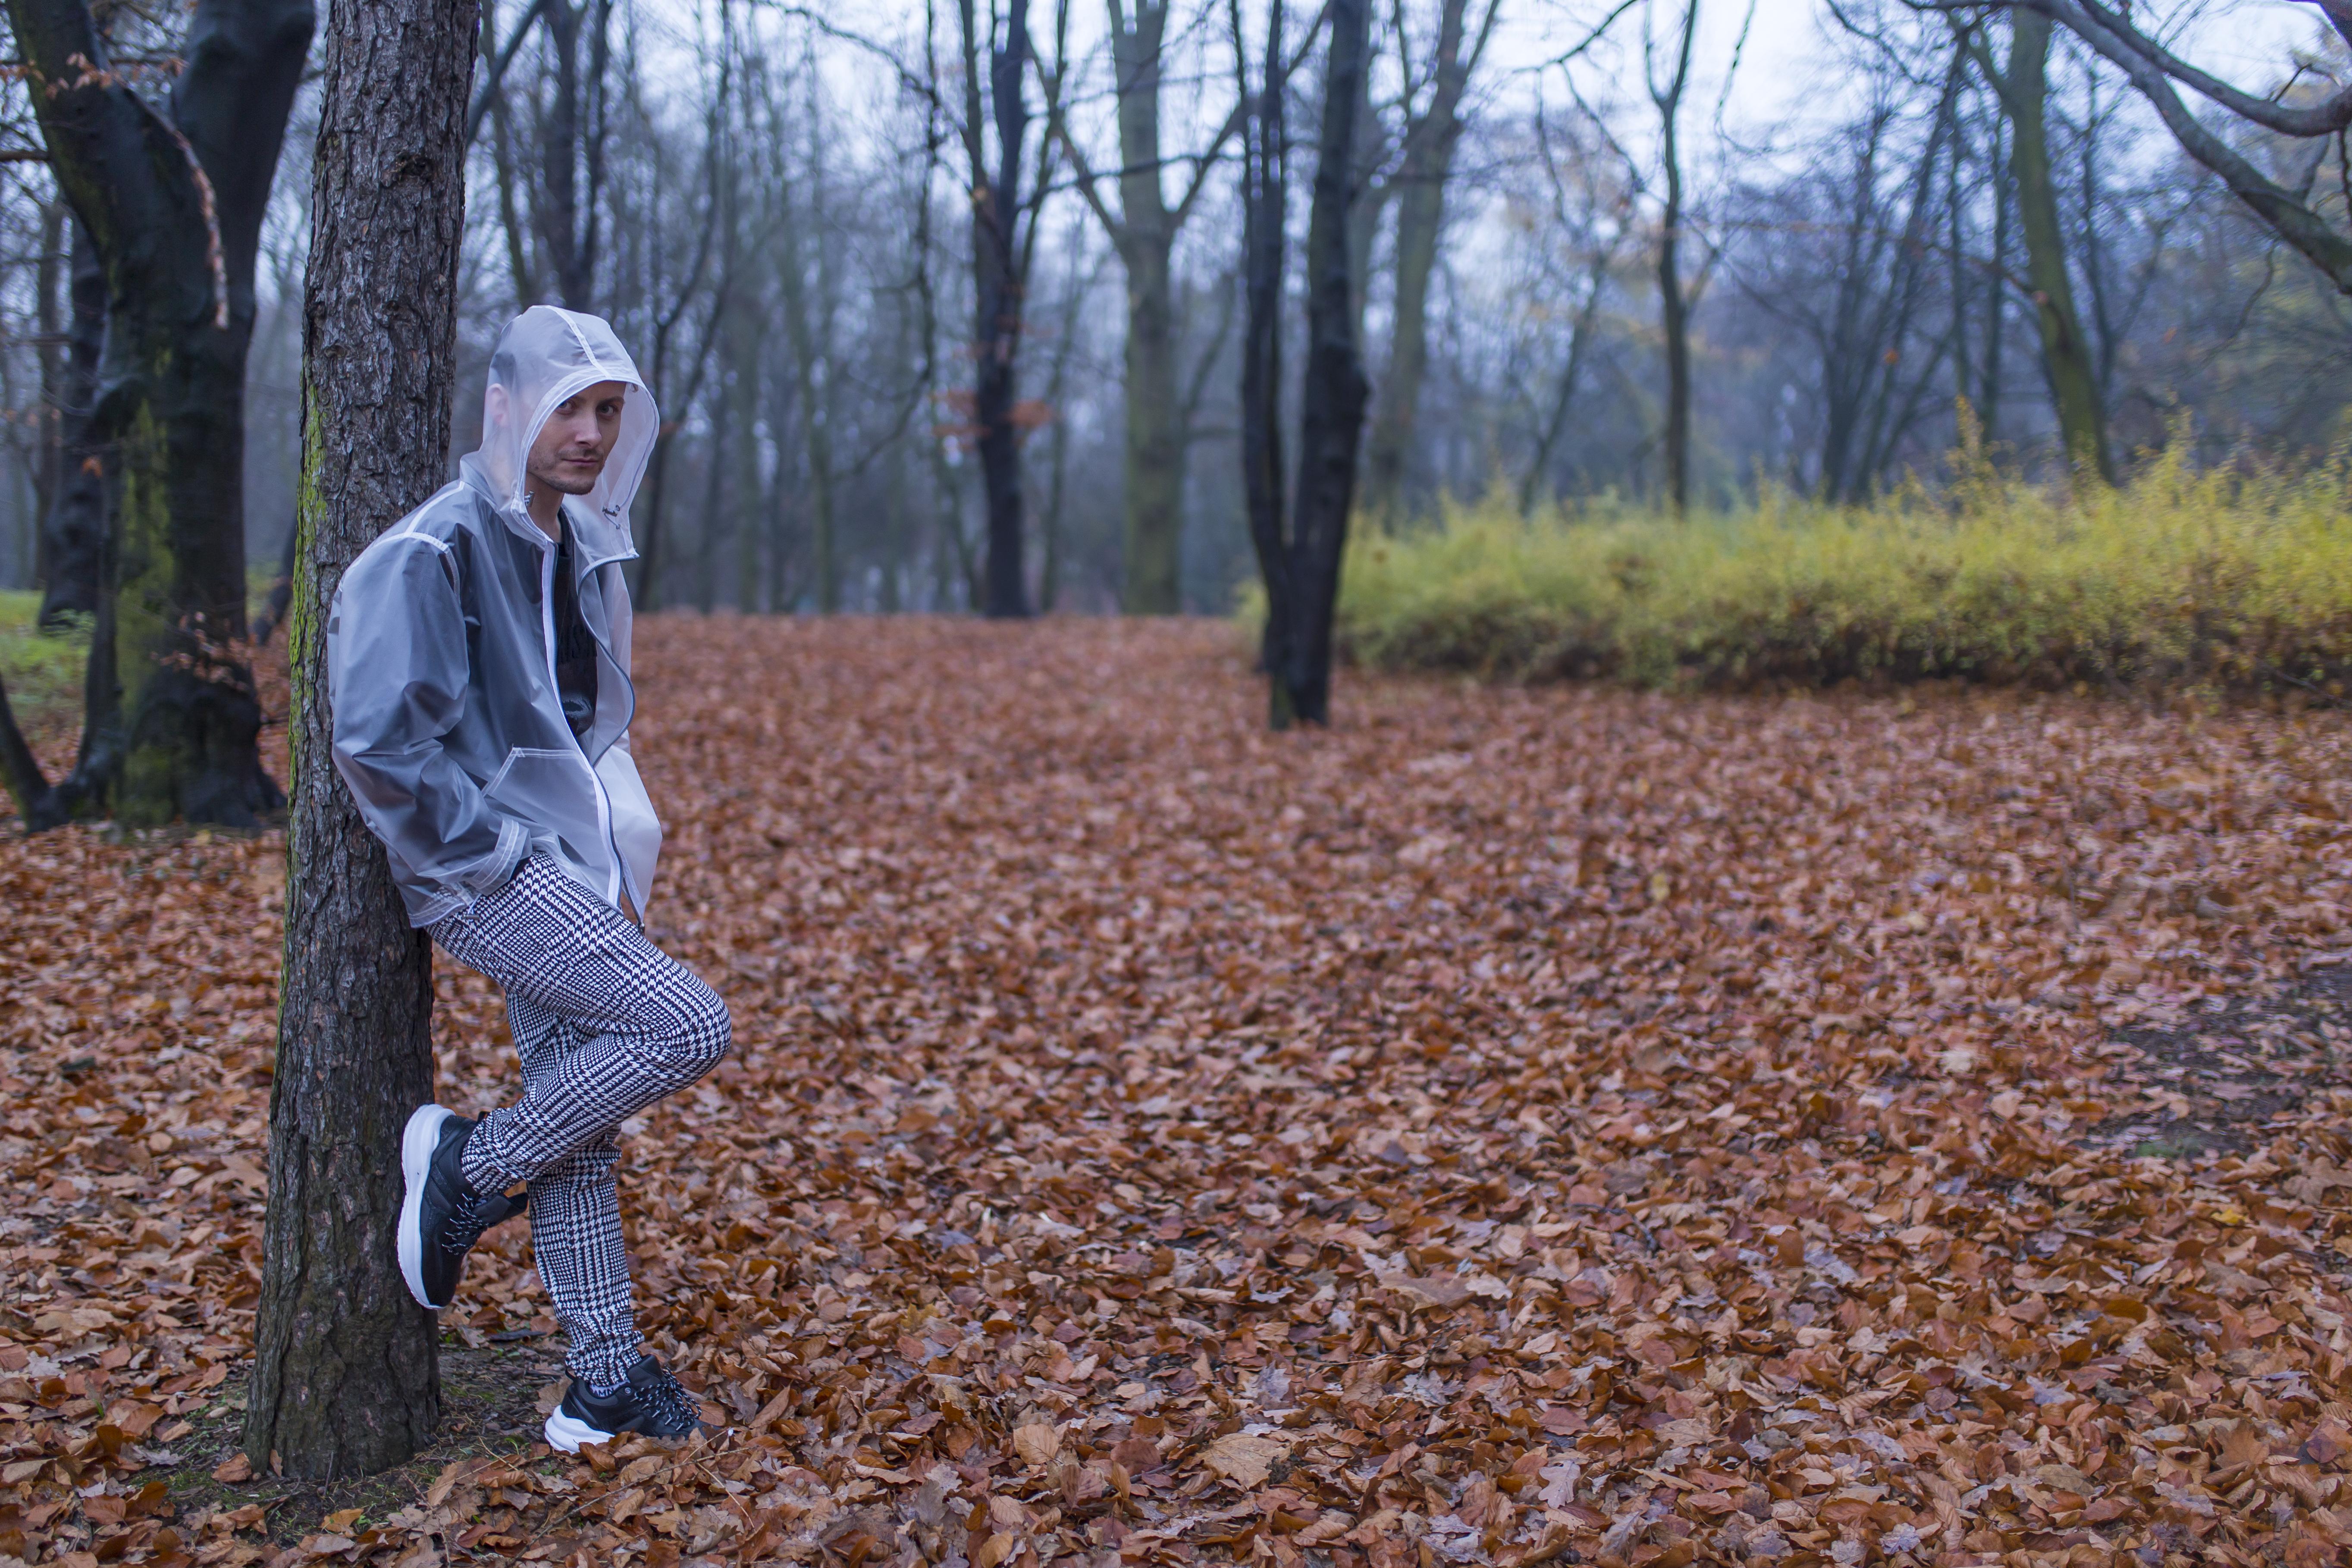 sesja-modowa-w-lesie-modny-las-chanel-po